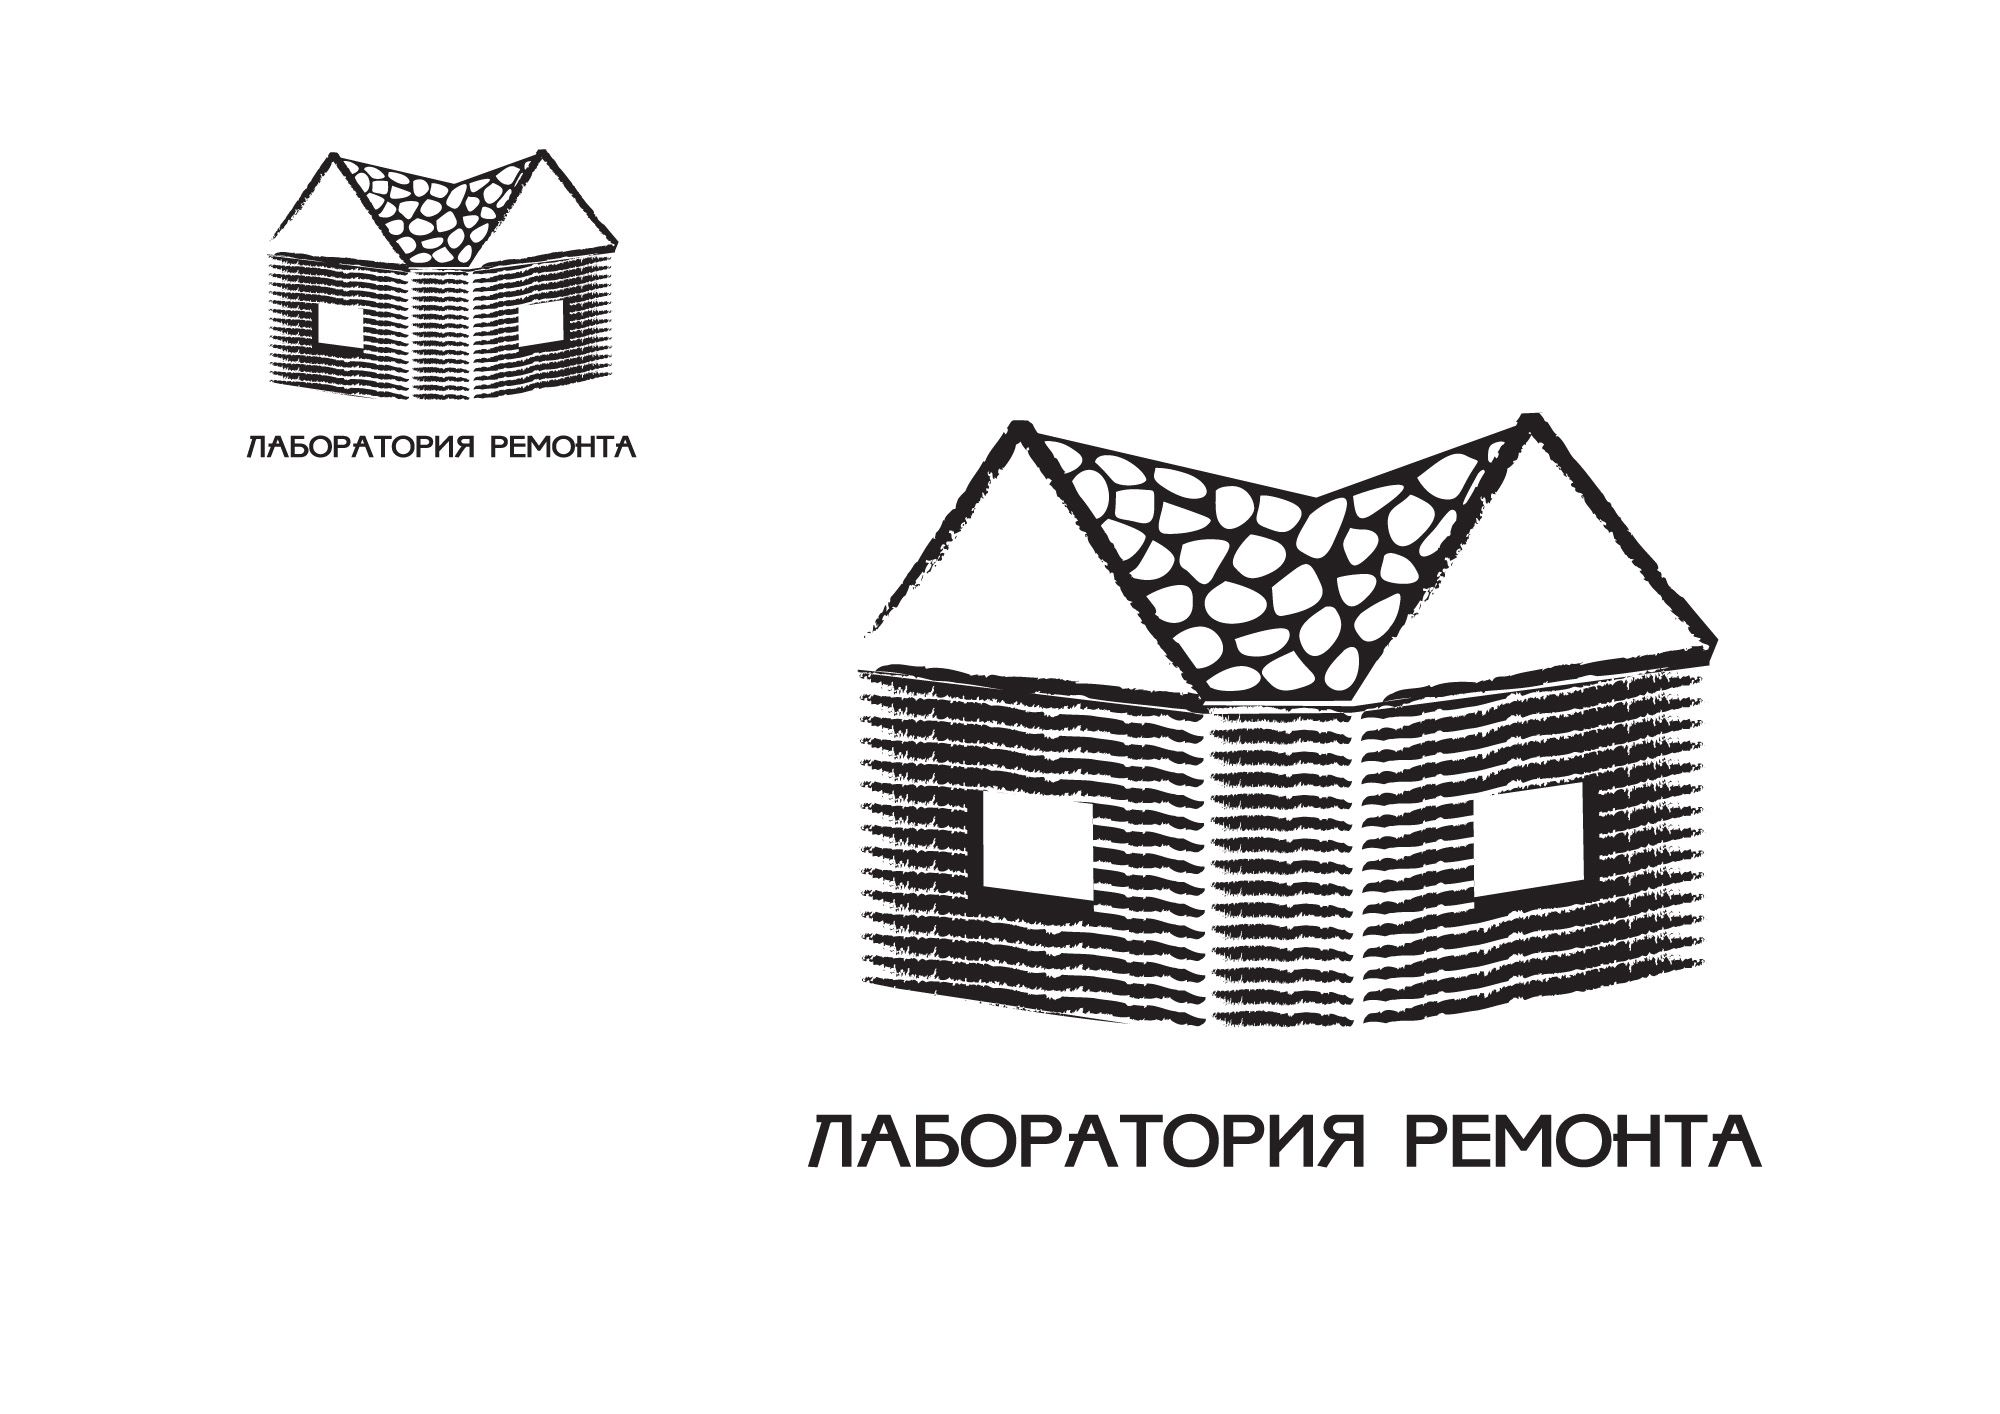 Разработка логотипа компании по ремонту и дизайну - дизайнер katavoronchihin